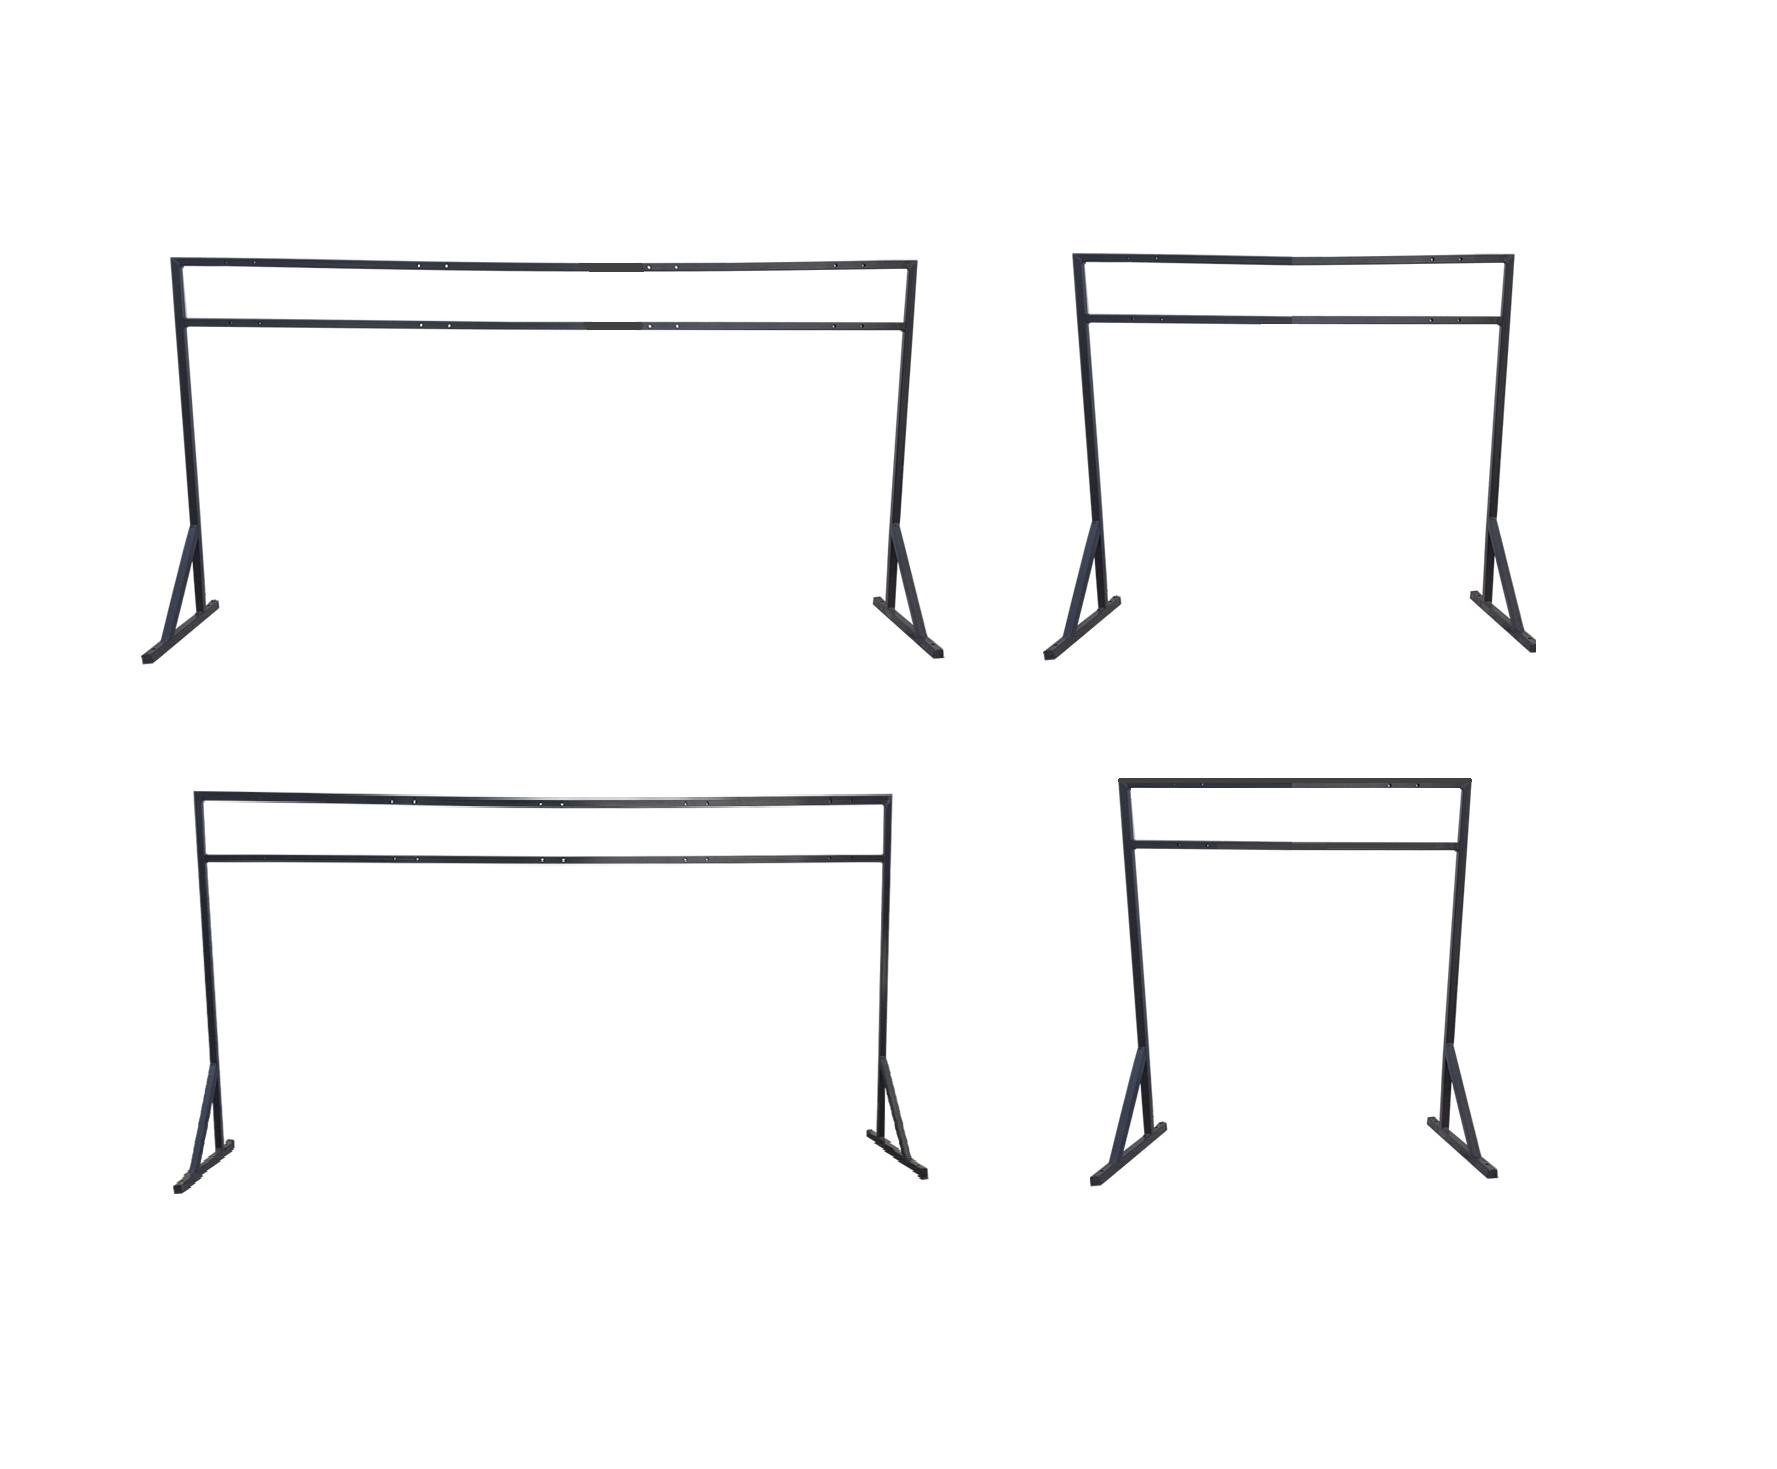 Estrutura Metálica para Fixação de Coletores 50L